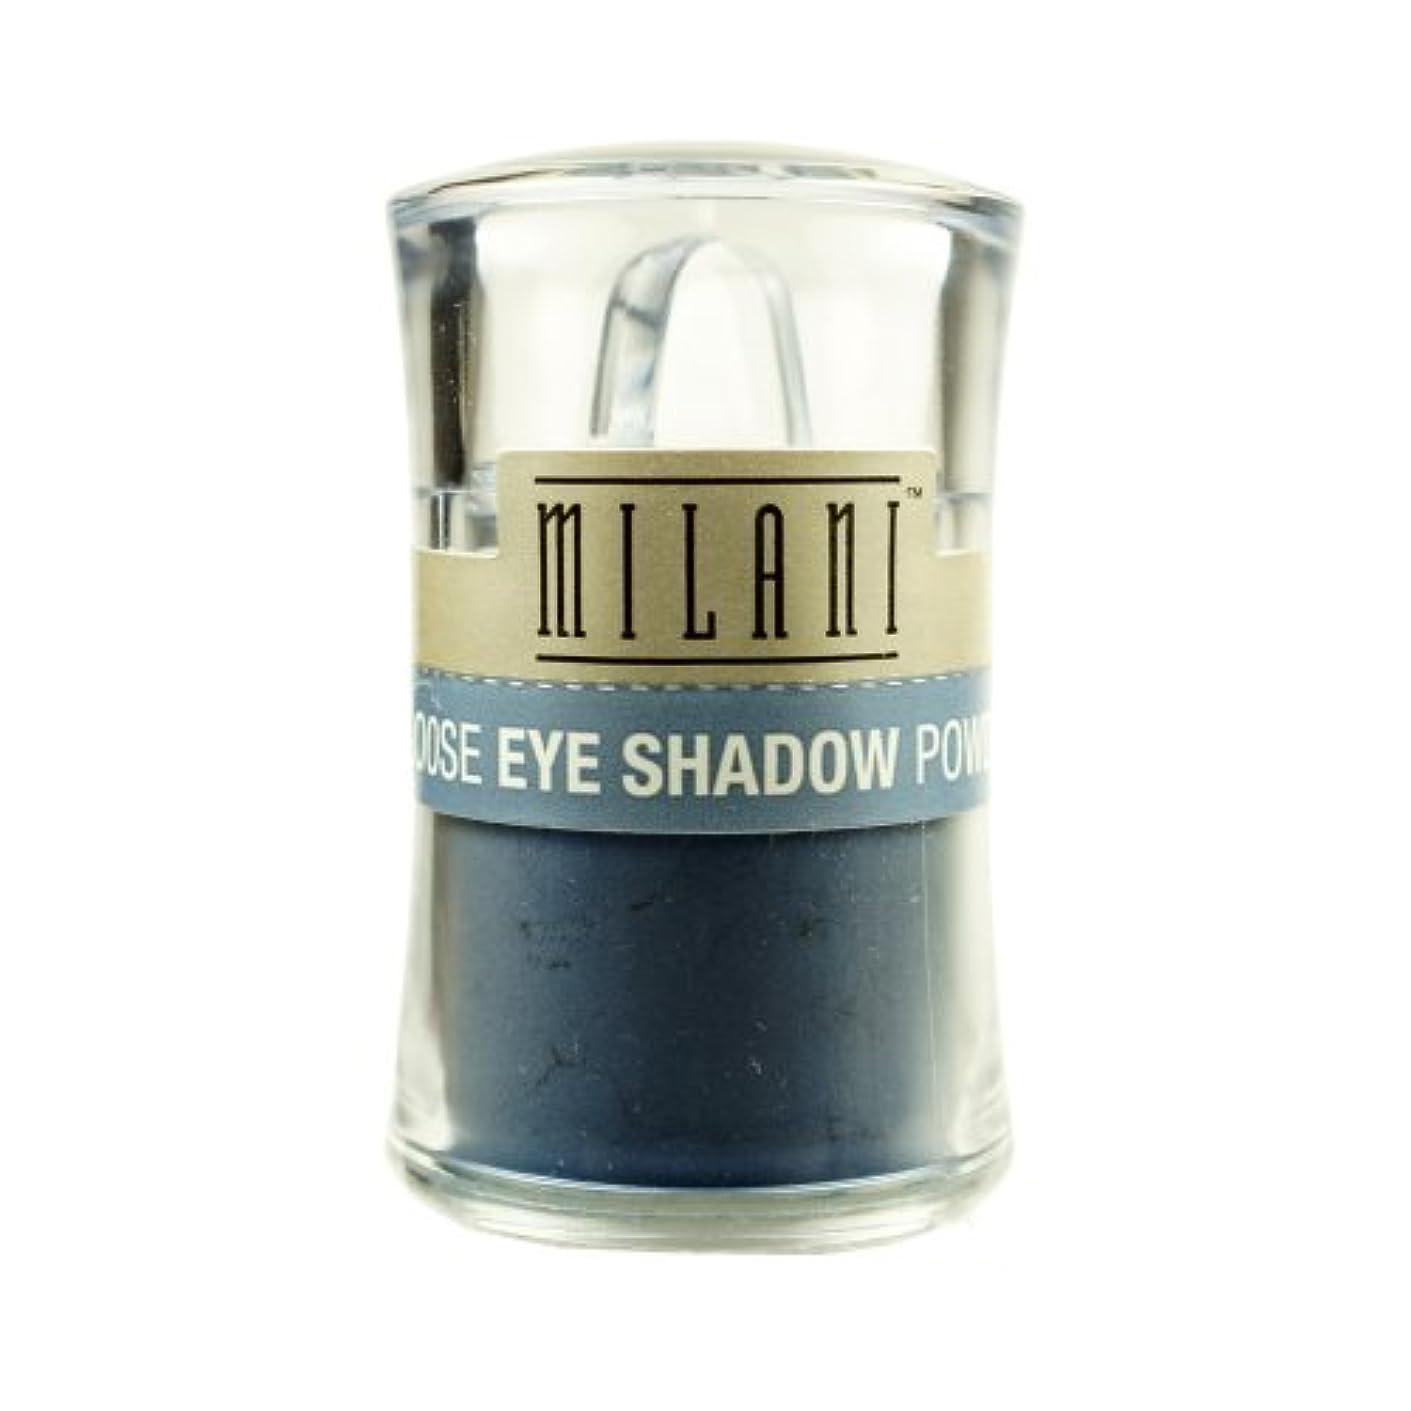 失望コミュニケーション食べるMILANI Loose Eye Shadow Powder - Misty Blue (並行輸入品)